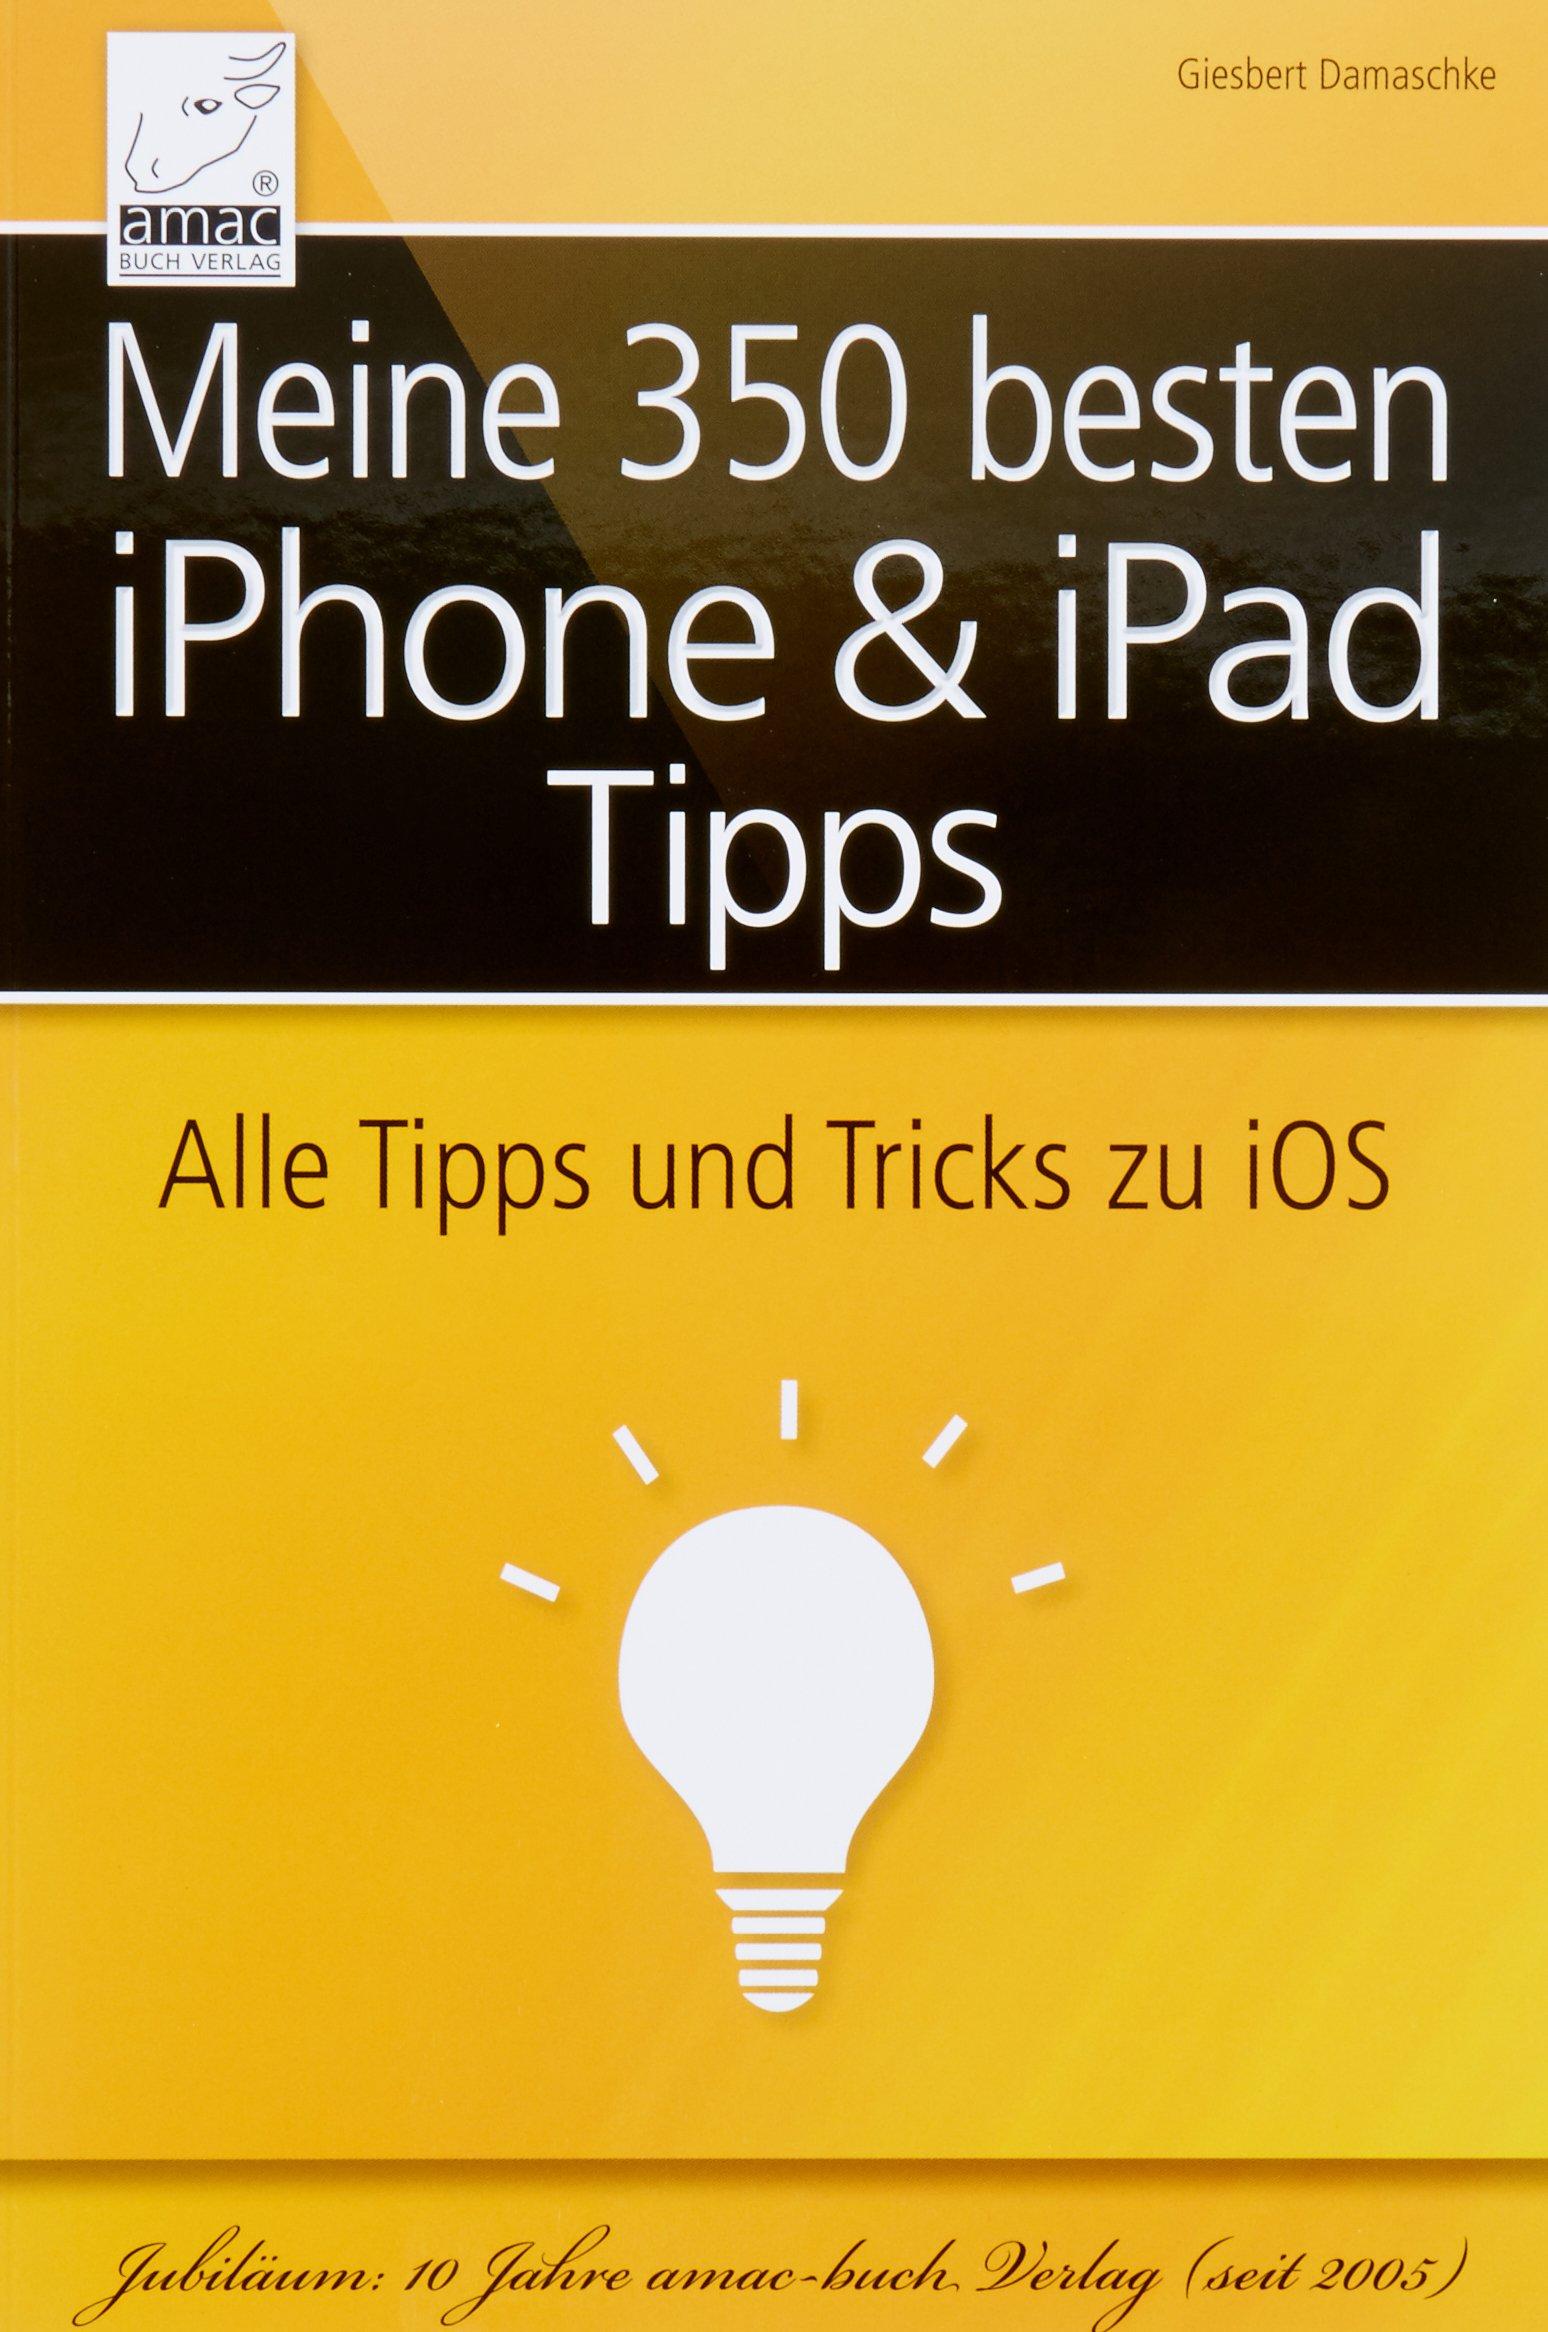 Meine 350 besten iPhone & iPad Tipps: Alle Tipps und Tricks zu iOS 10, iOS 9 und iOS 8 (für alle iPhone- und iPad-Modelle geeignet) Taschenbuch – 12. Dezember 2014 Giesbert Damaschke amac-buch-Verlag Ochsenkühn 3954310287 Hardware